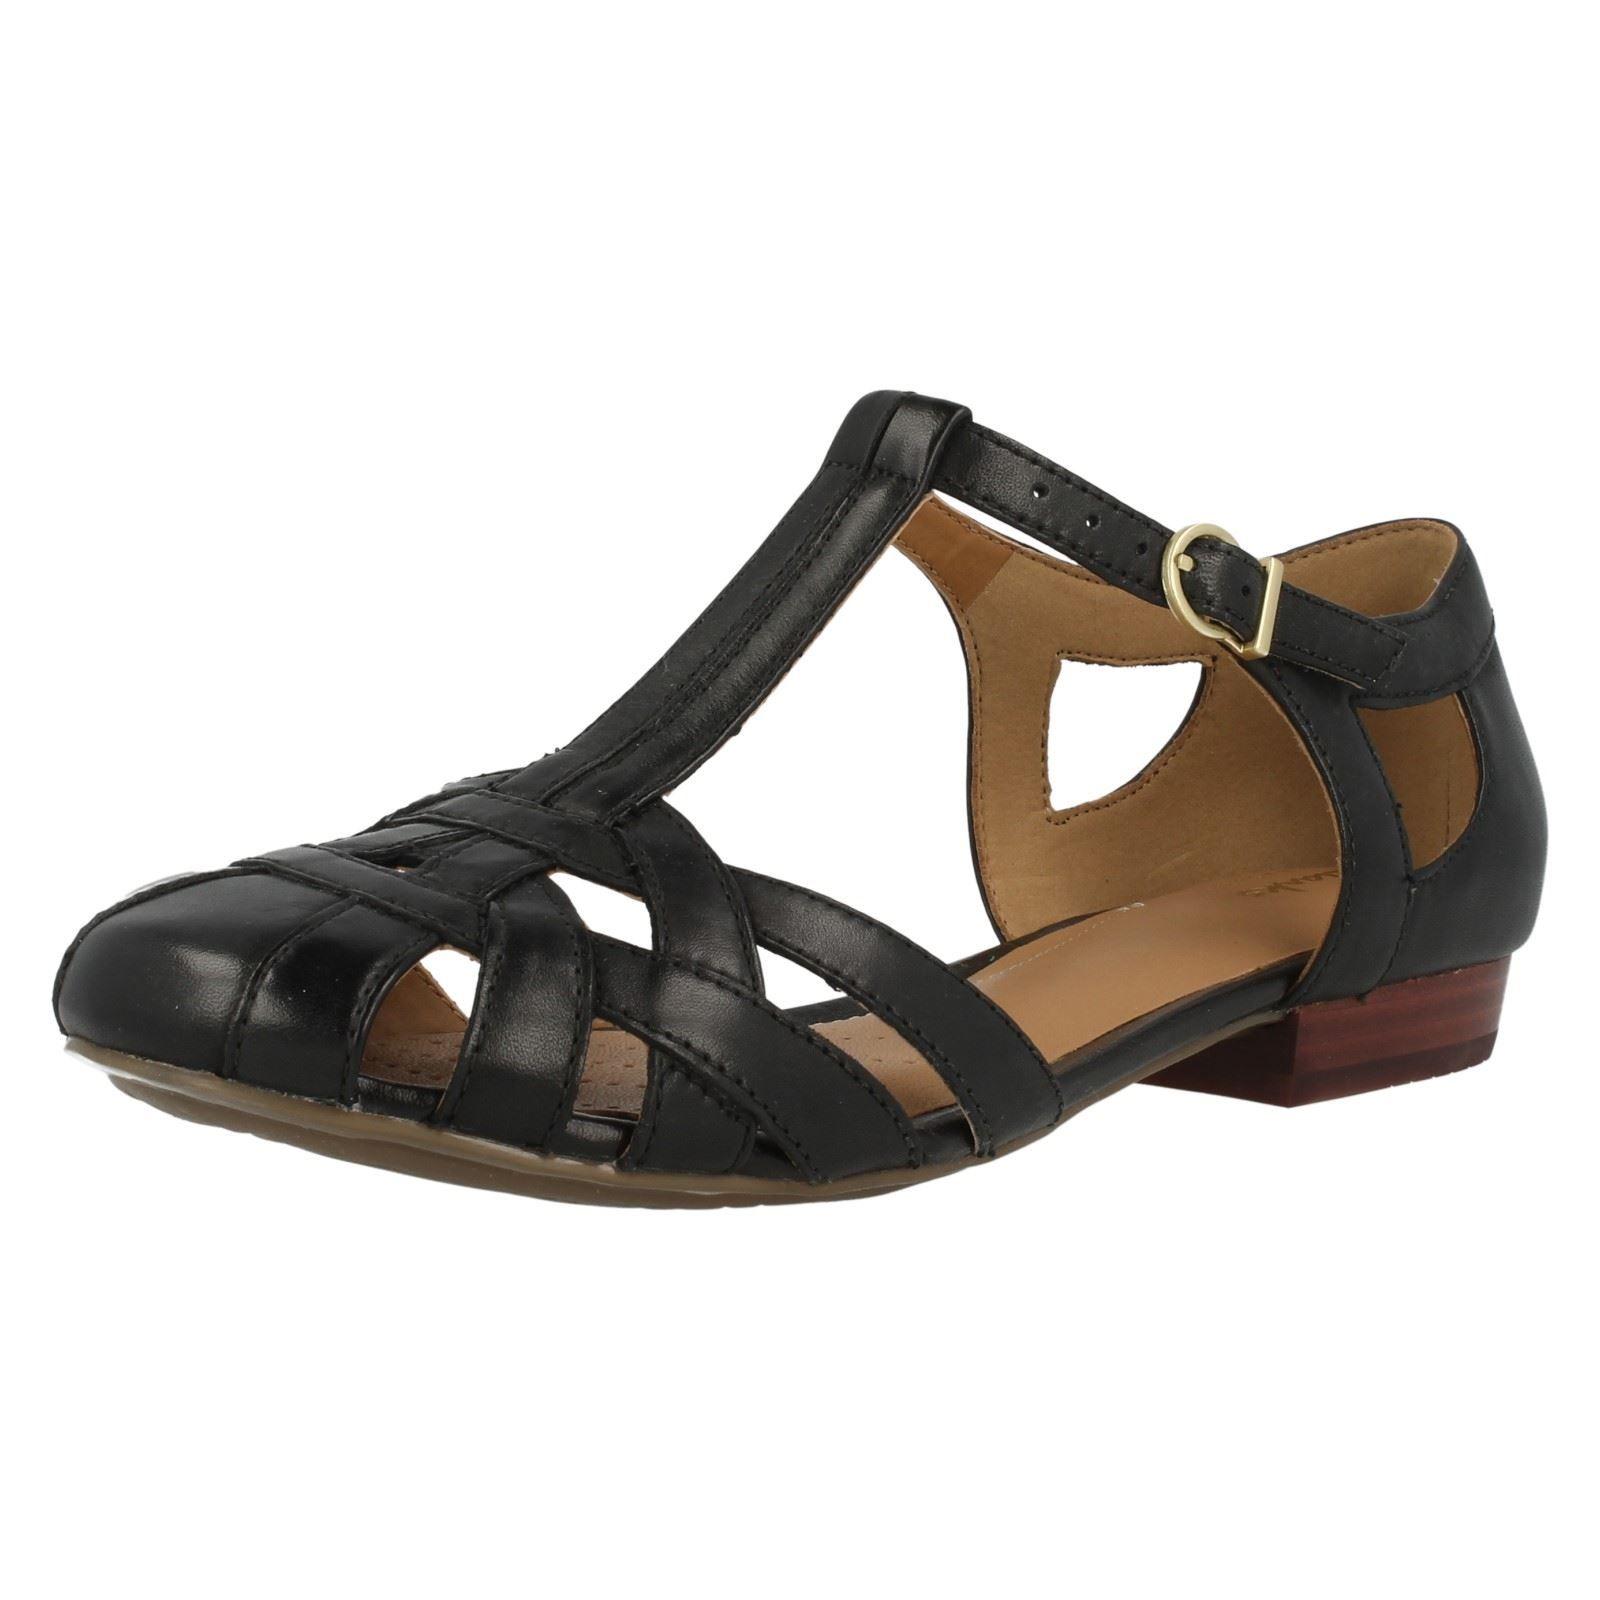 clarks ladies shoes size 2